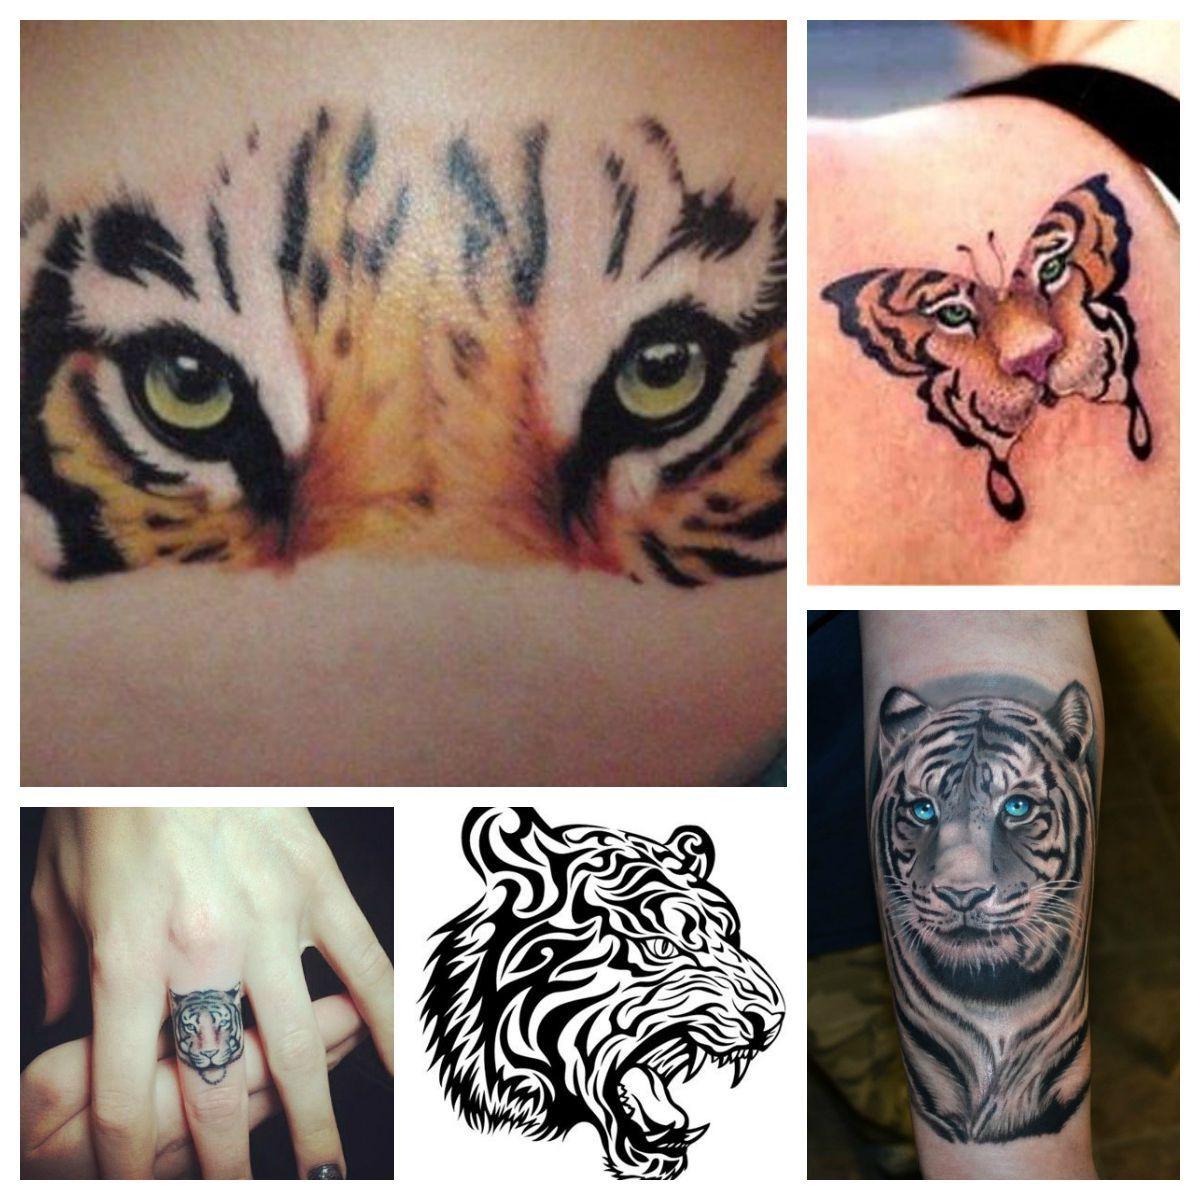 la tigre tatuaggio che rappresenta forza e coraggio tattoos pinterest tatoo and tattoo. Black Bedroom Furniture Sets. Home Design Ideas